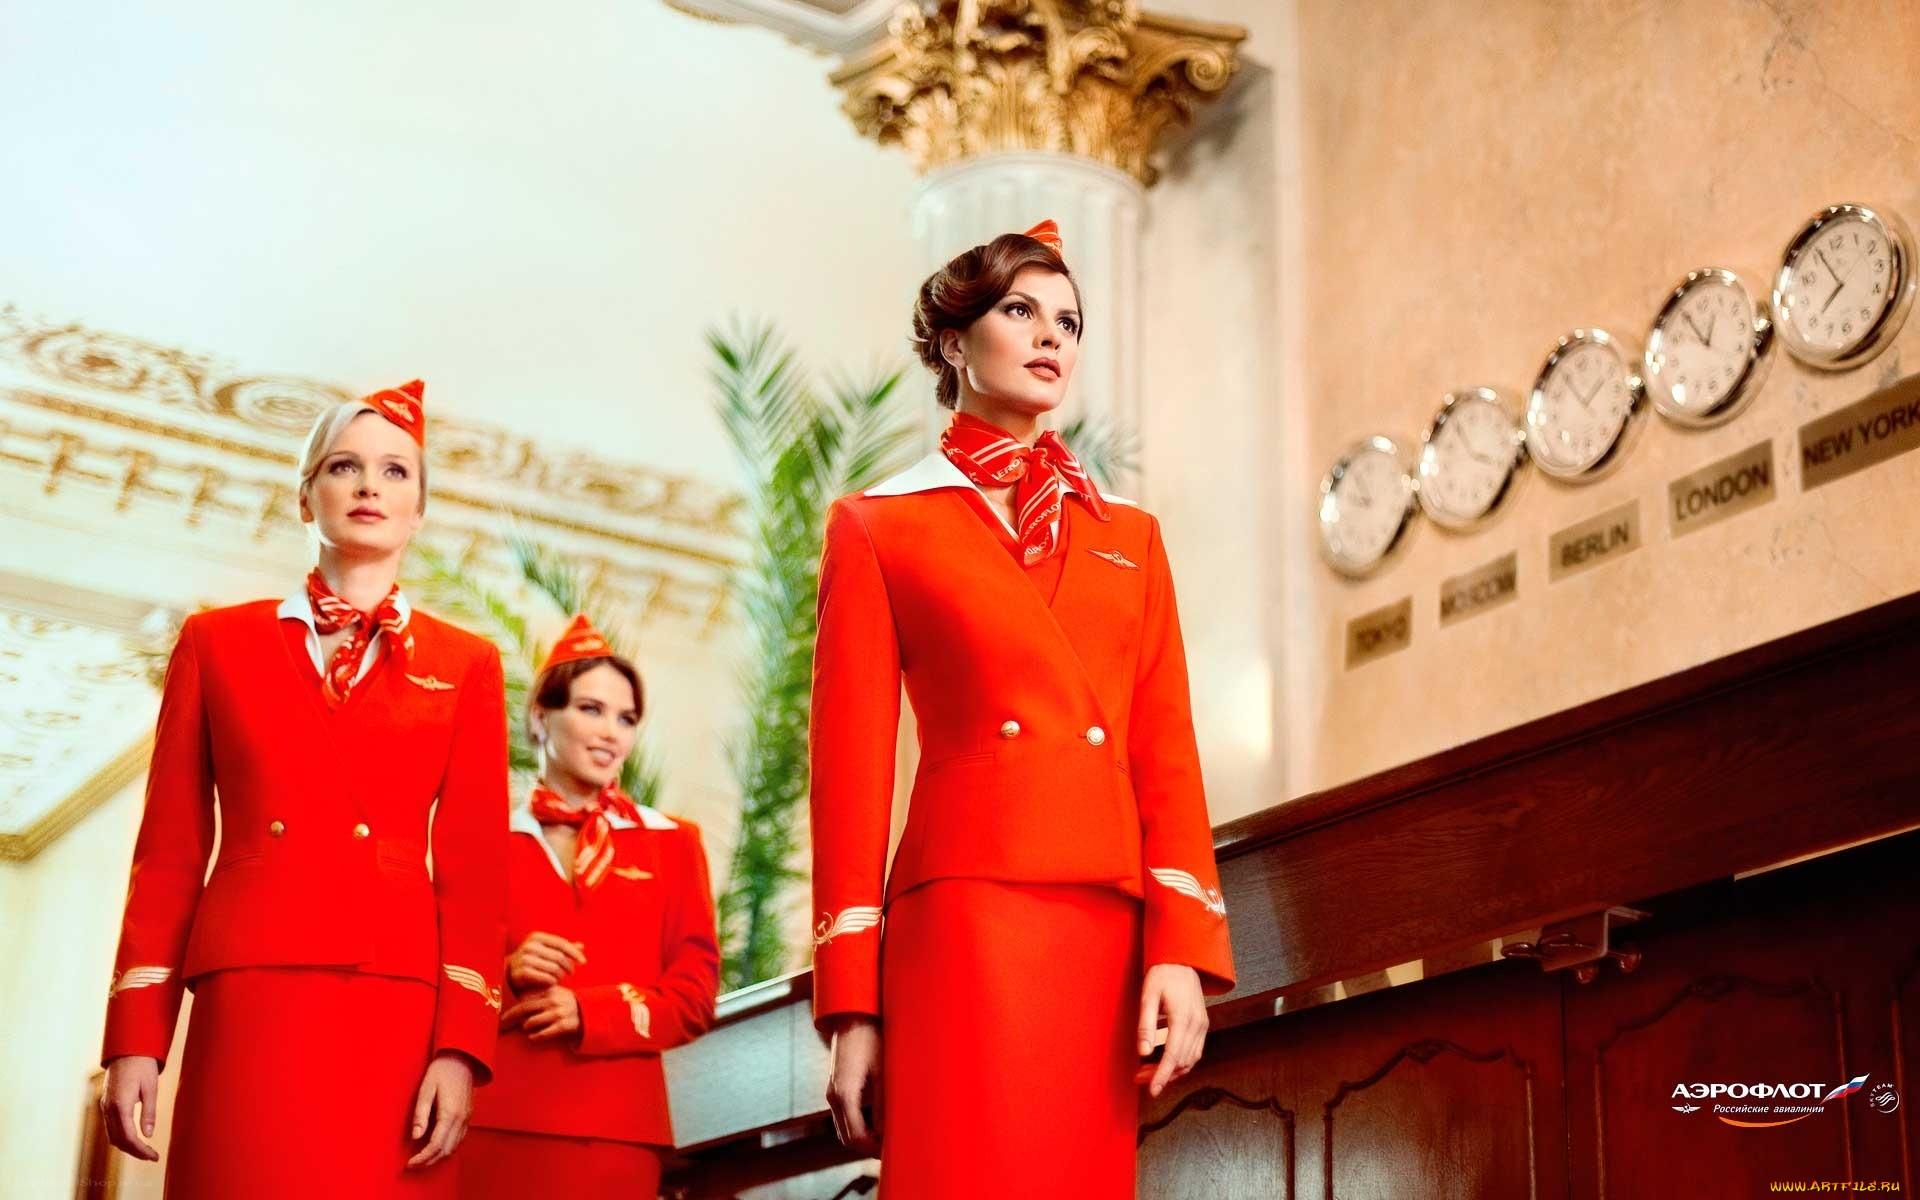 Картинки по запросу Авиакомпания «Аэрофлот-российские авиалинии» приглашает на работу бортпроводников.